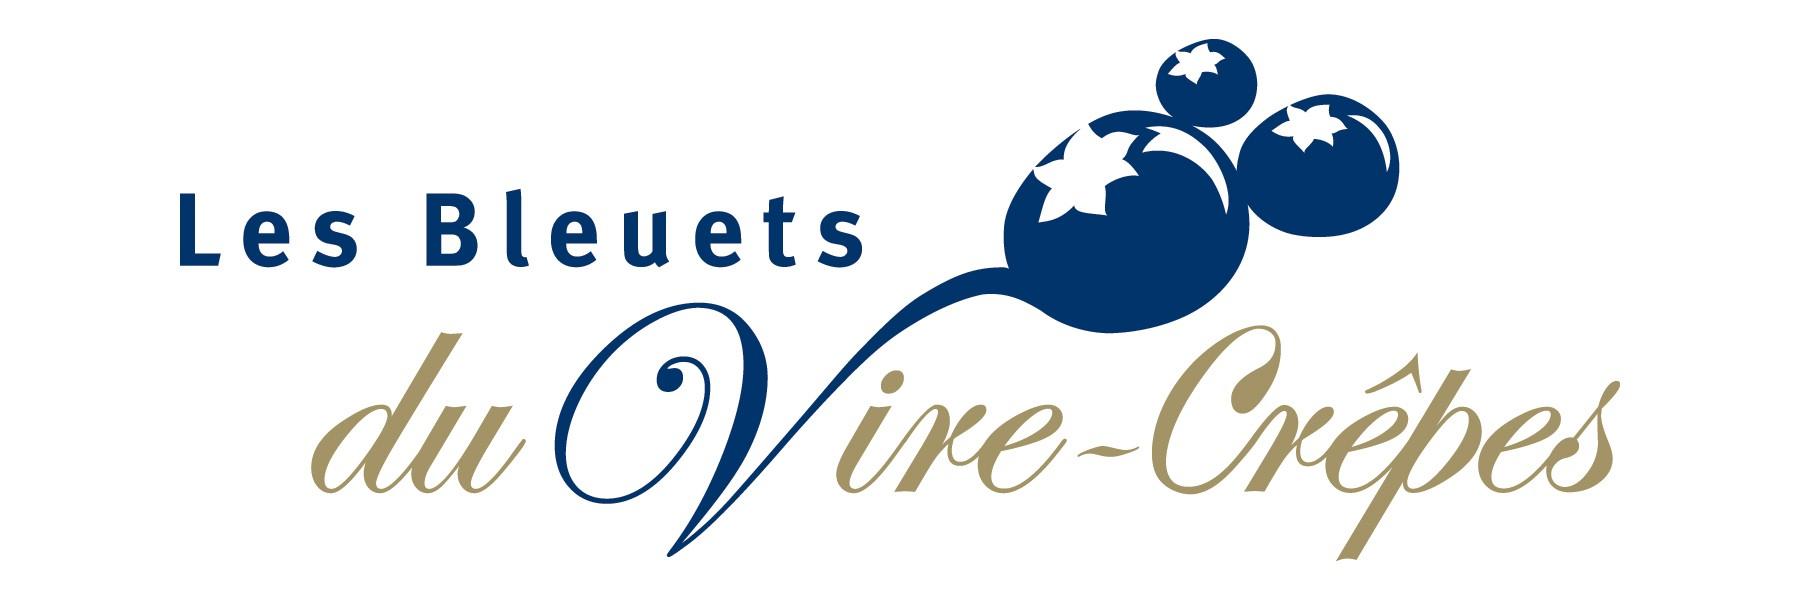 Logo Bleuets du Vire-Cre¦épes_nouveau